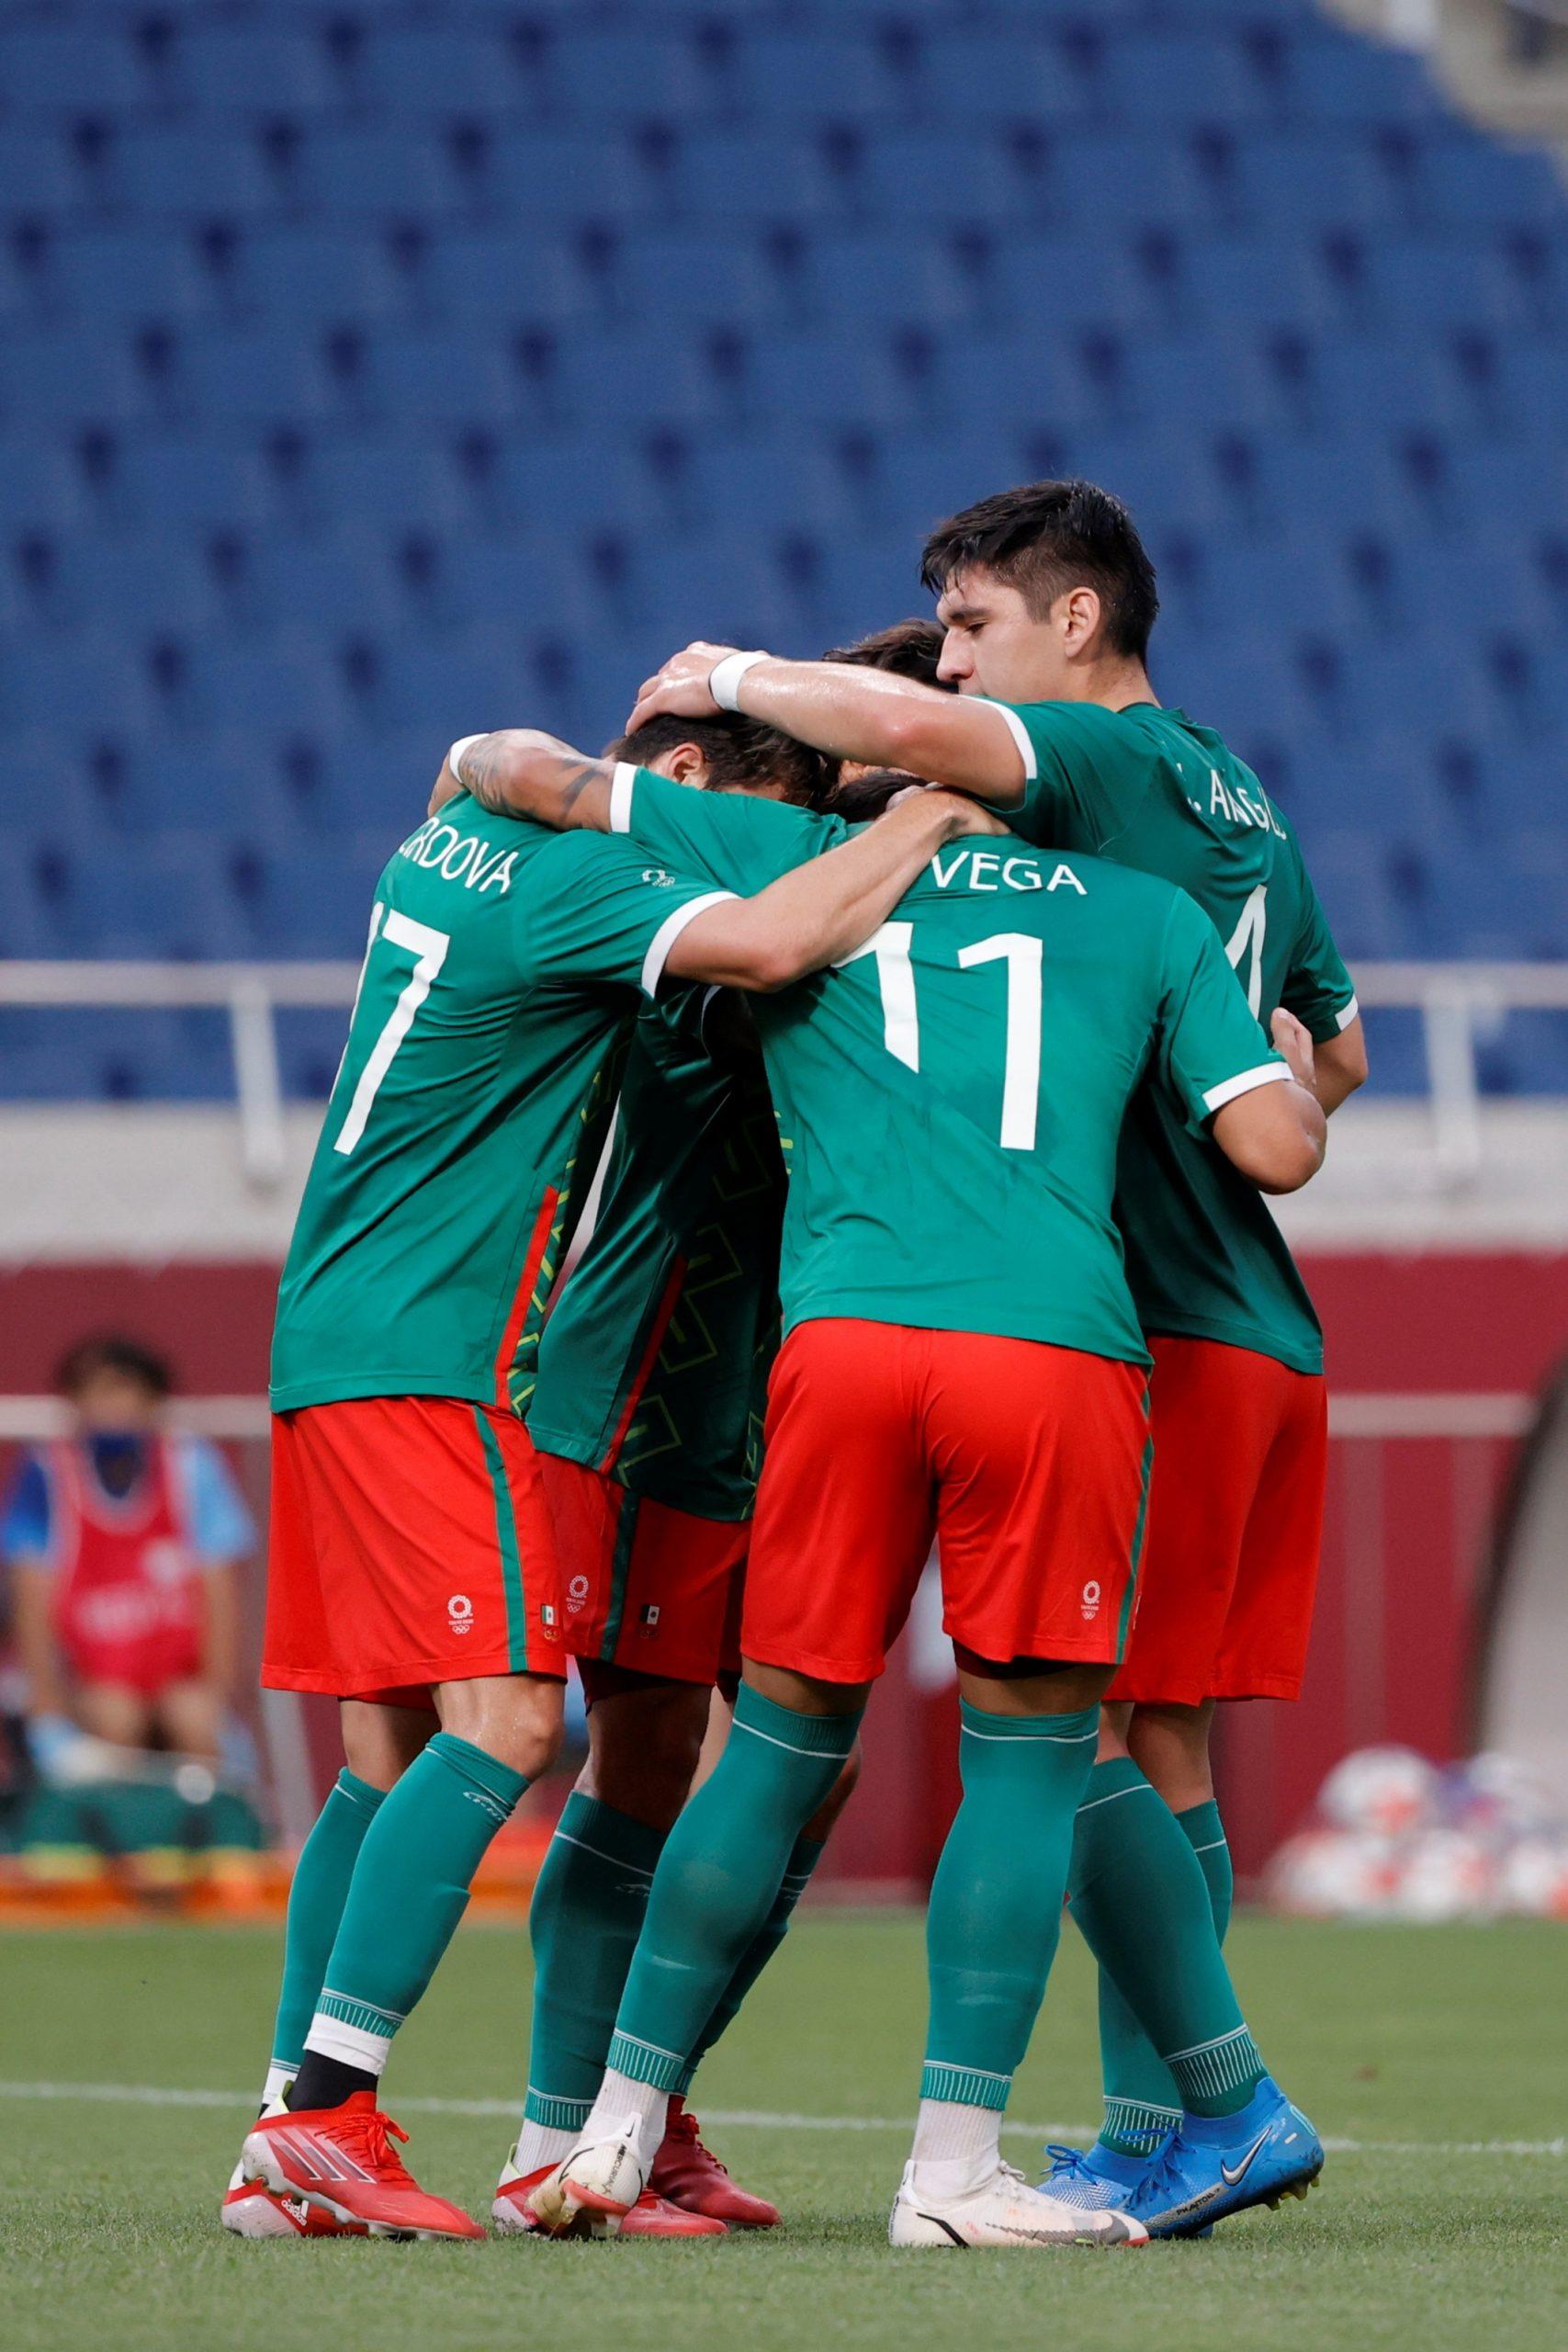 Sebastián Córdova celebra con sus compañeros tras marcar el 1-0 en el encuentro por la medalla de bronce entre las selecciones de México y Japón, en el Estadio de Saitama. Foto de EFE/ Kai Försterling.